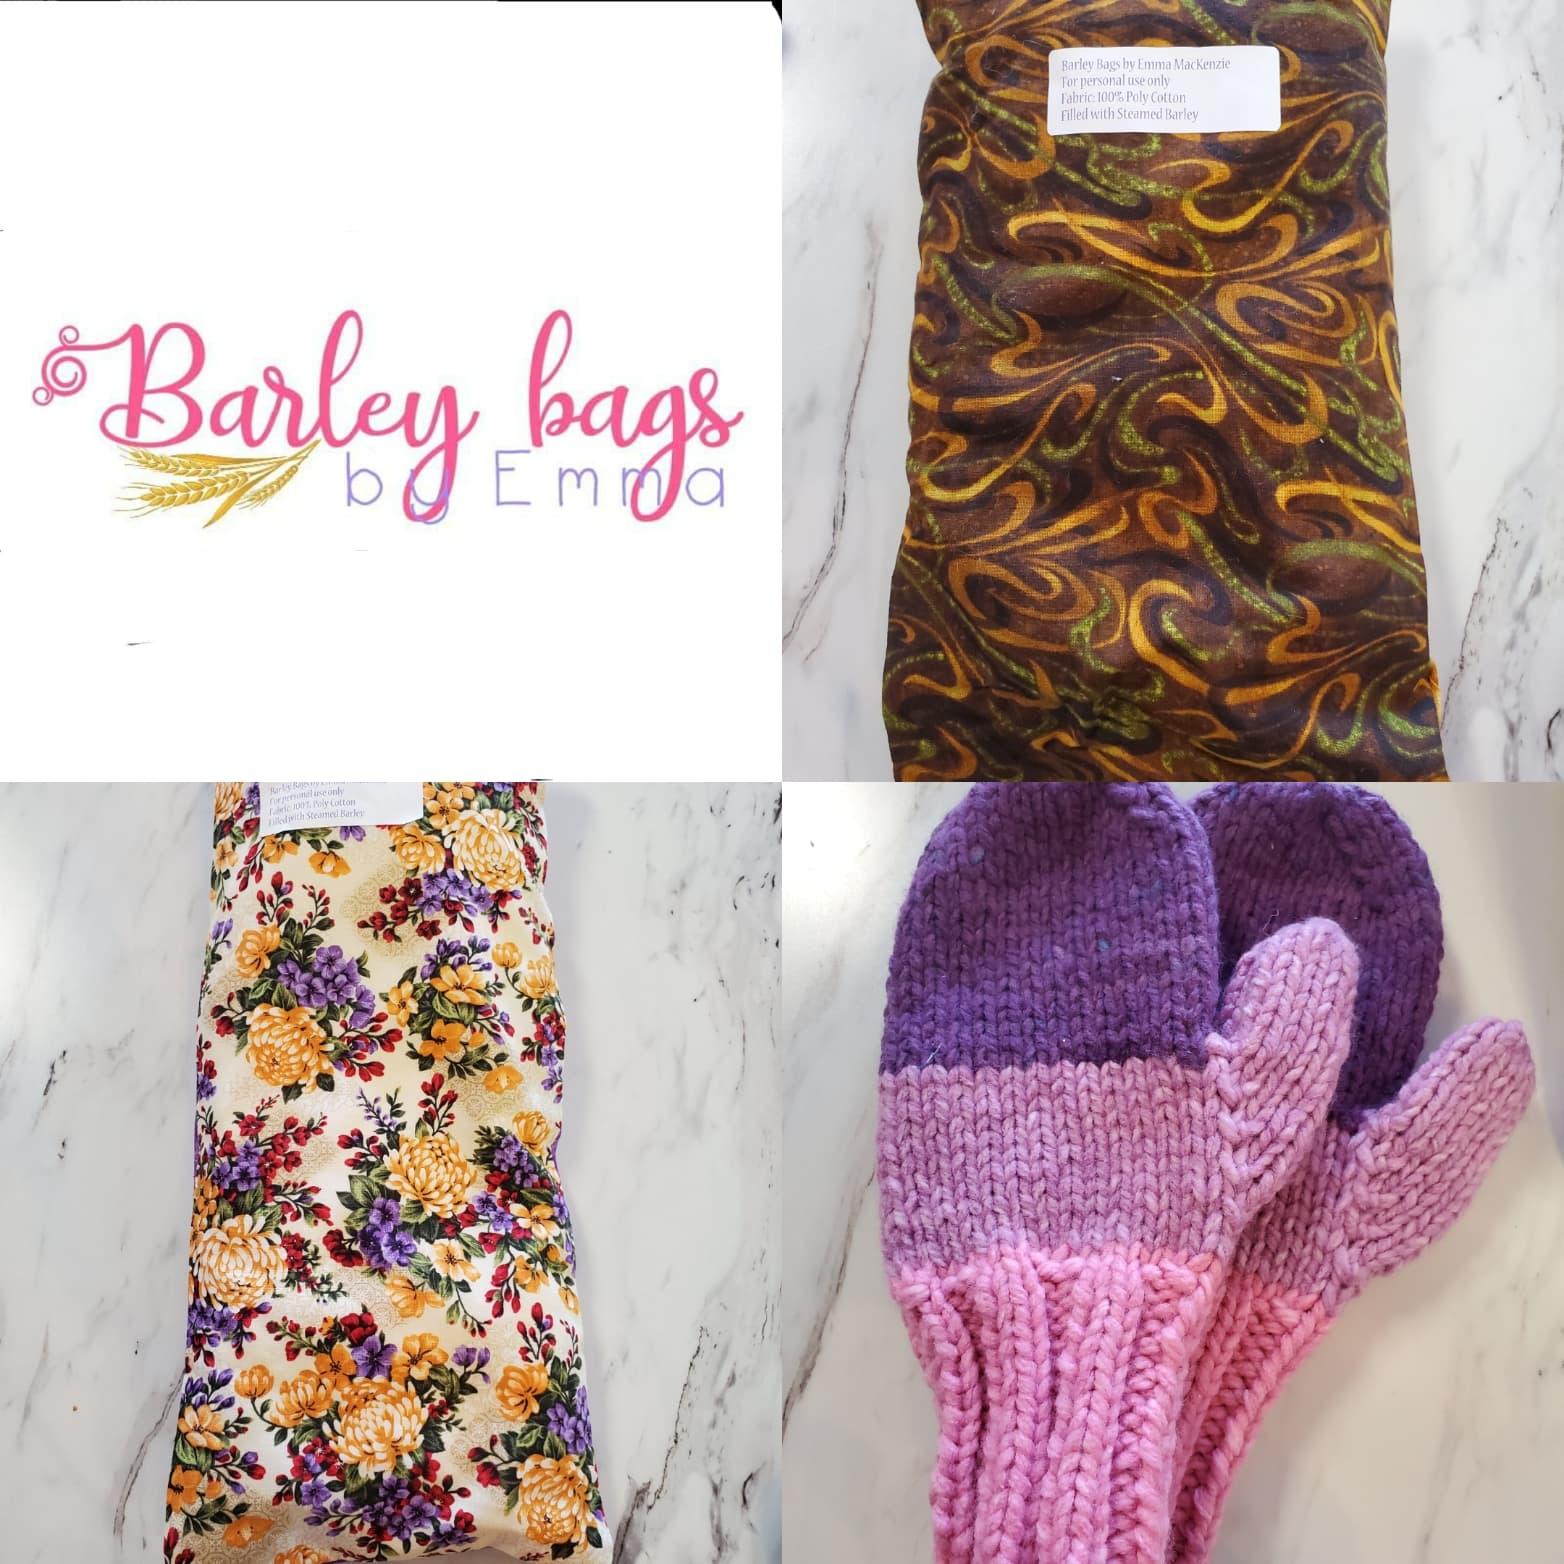 Barley Bags by Emma